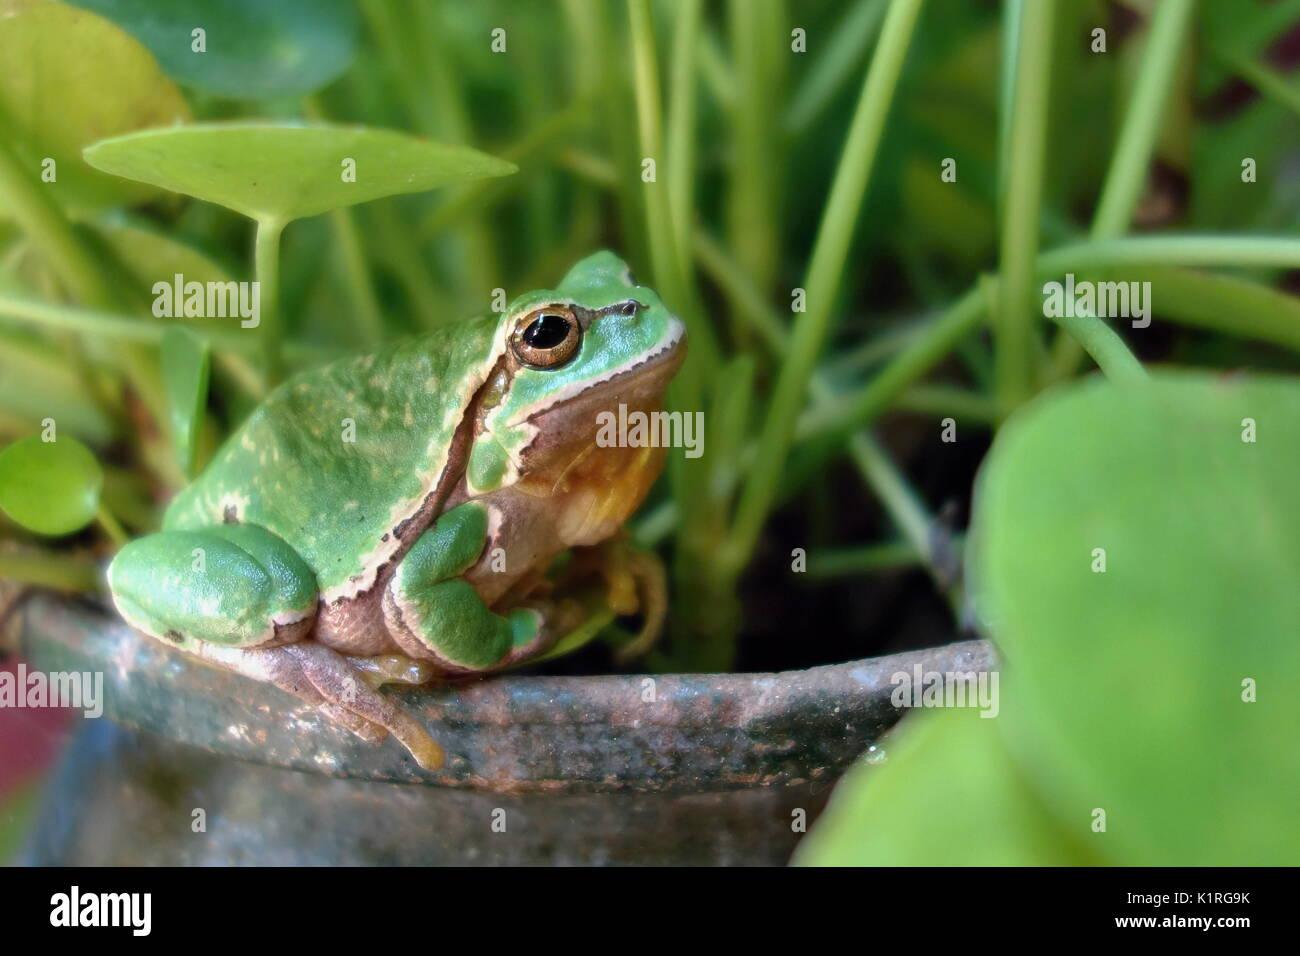 Bonita casa verde anfibios rana de árbol europeo, Hyla Arborea, sentado sobre el césped del hábitat. Imagen De Stock